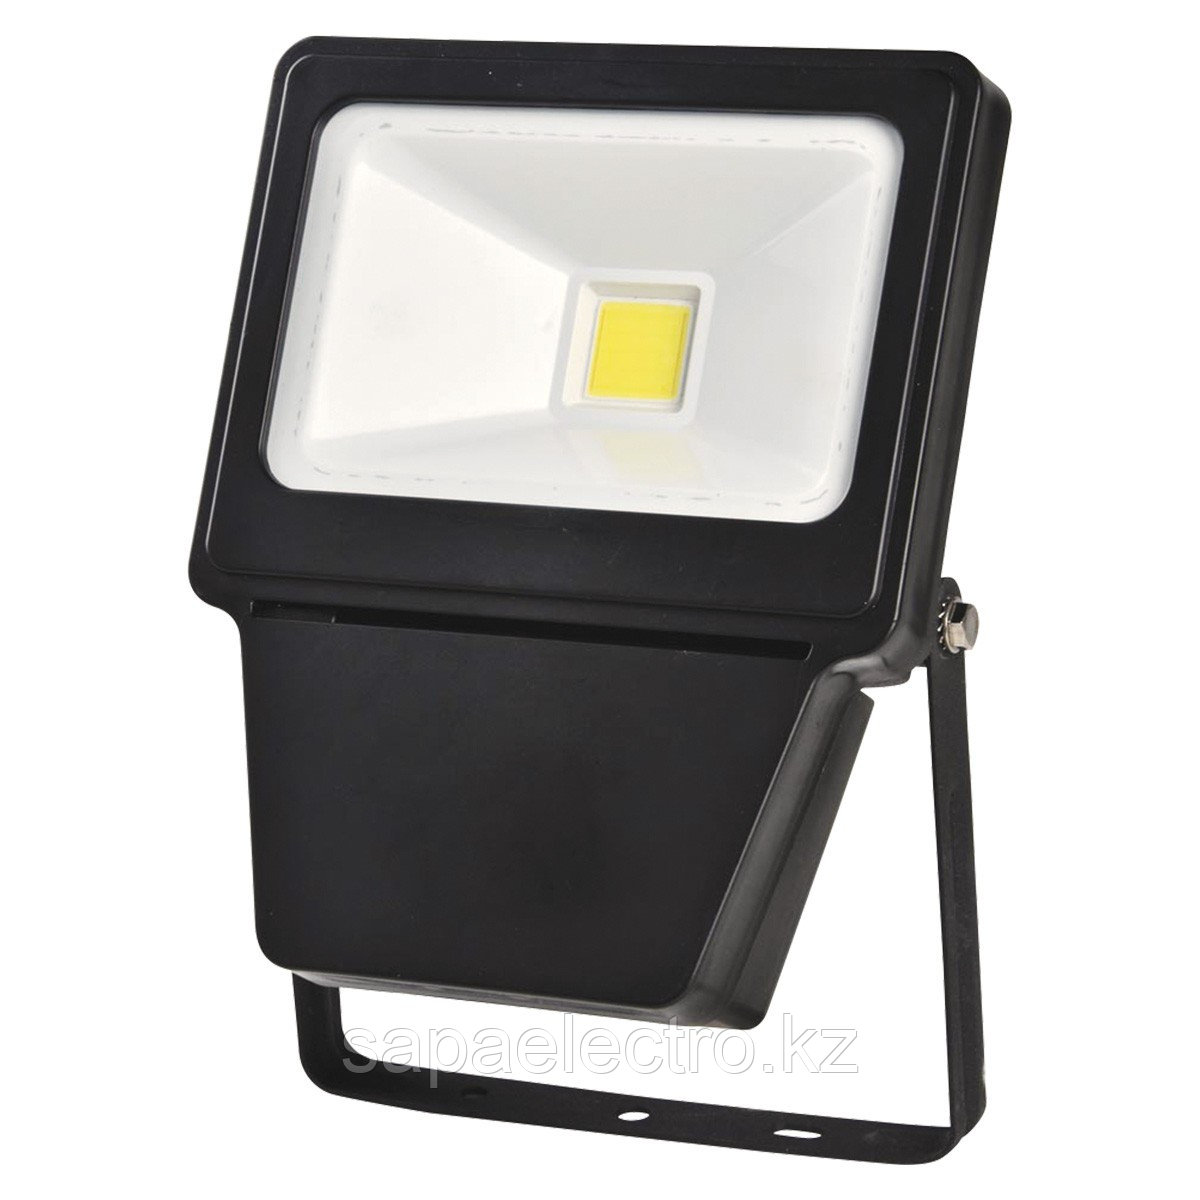 Prozhektor LED COB 30W BLACK 6000K (TEKLED)24sht